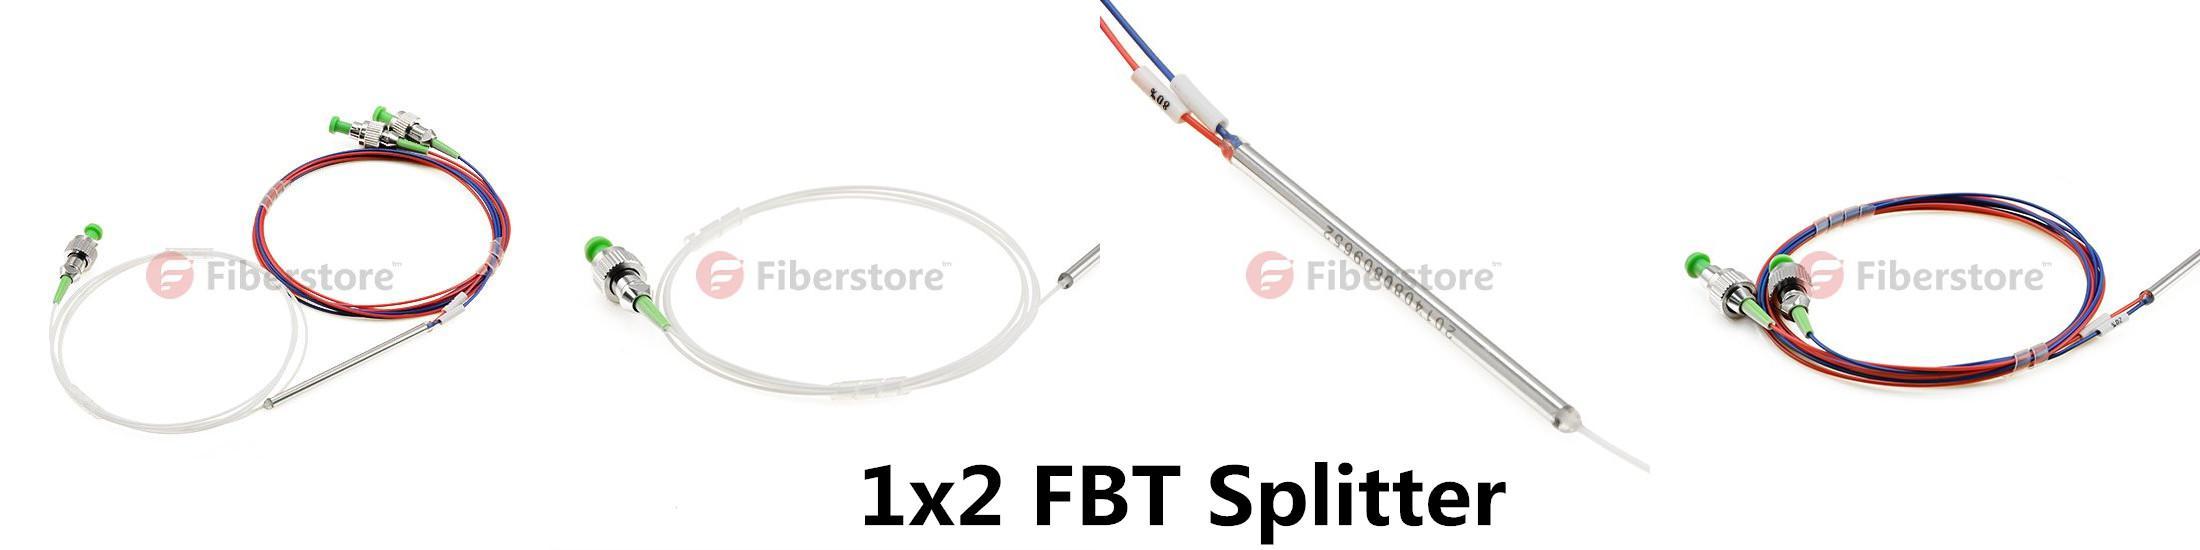 PON splitter-1x2 FBT splitter